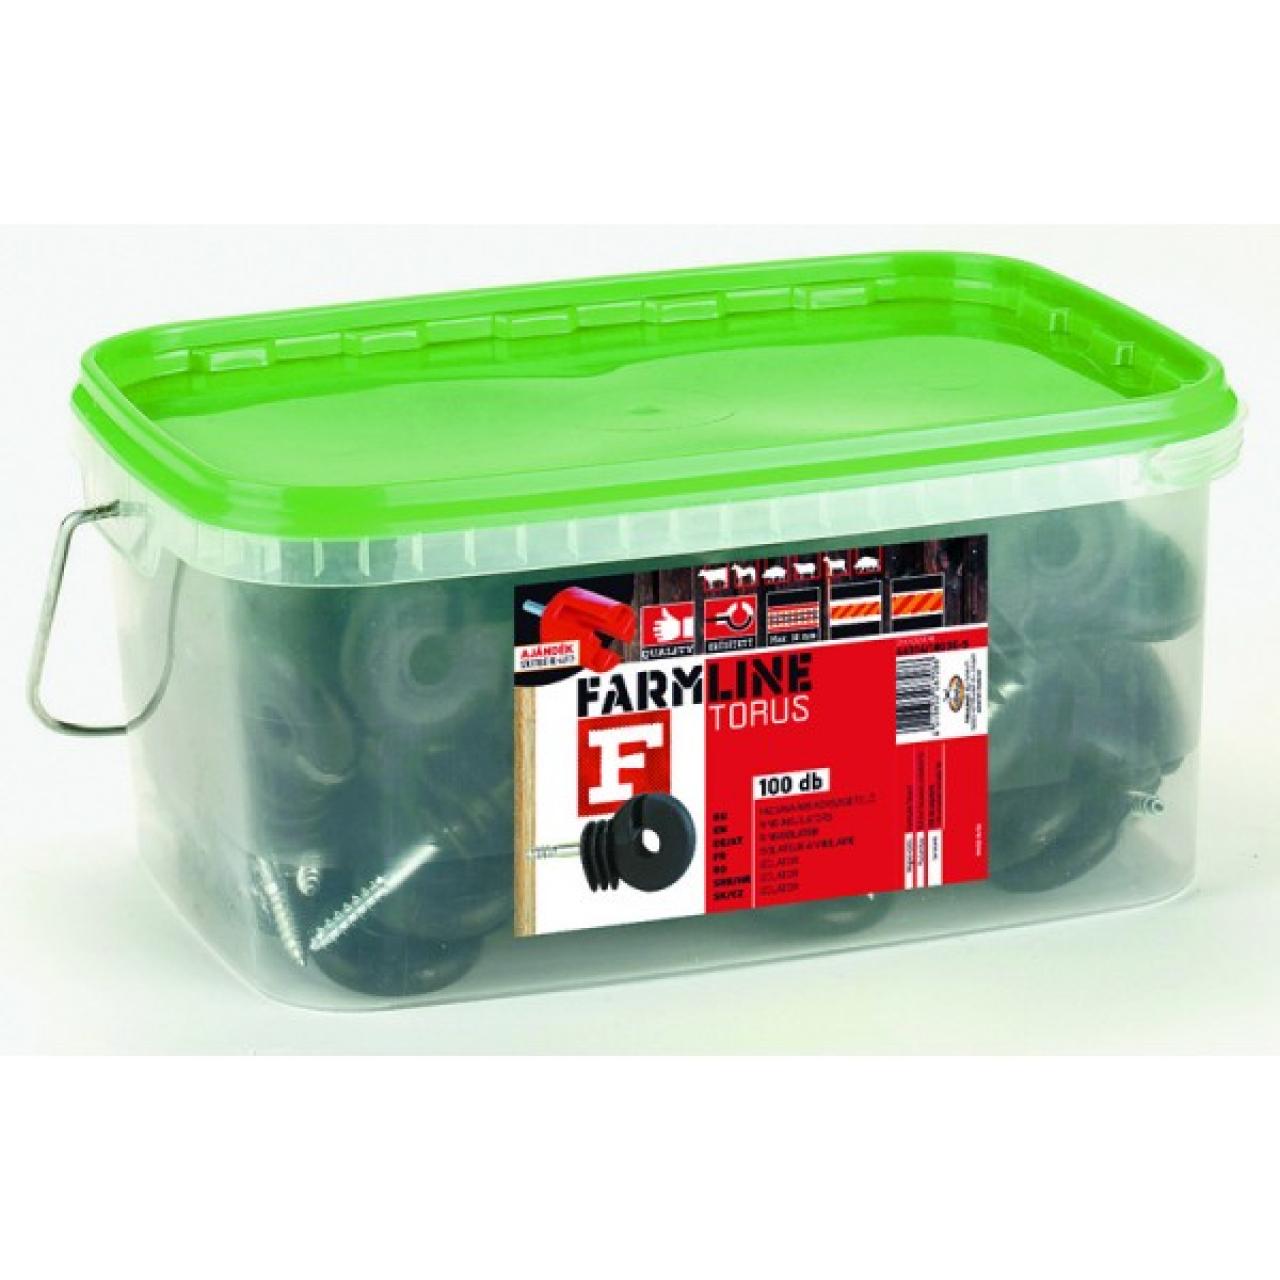 FarmLine Torus F facsavaros szigetelő vezetékhez 100 db + szigetelő behajtó